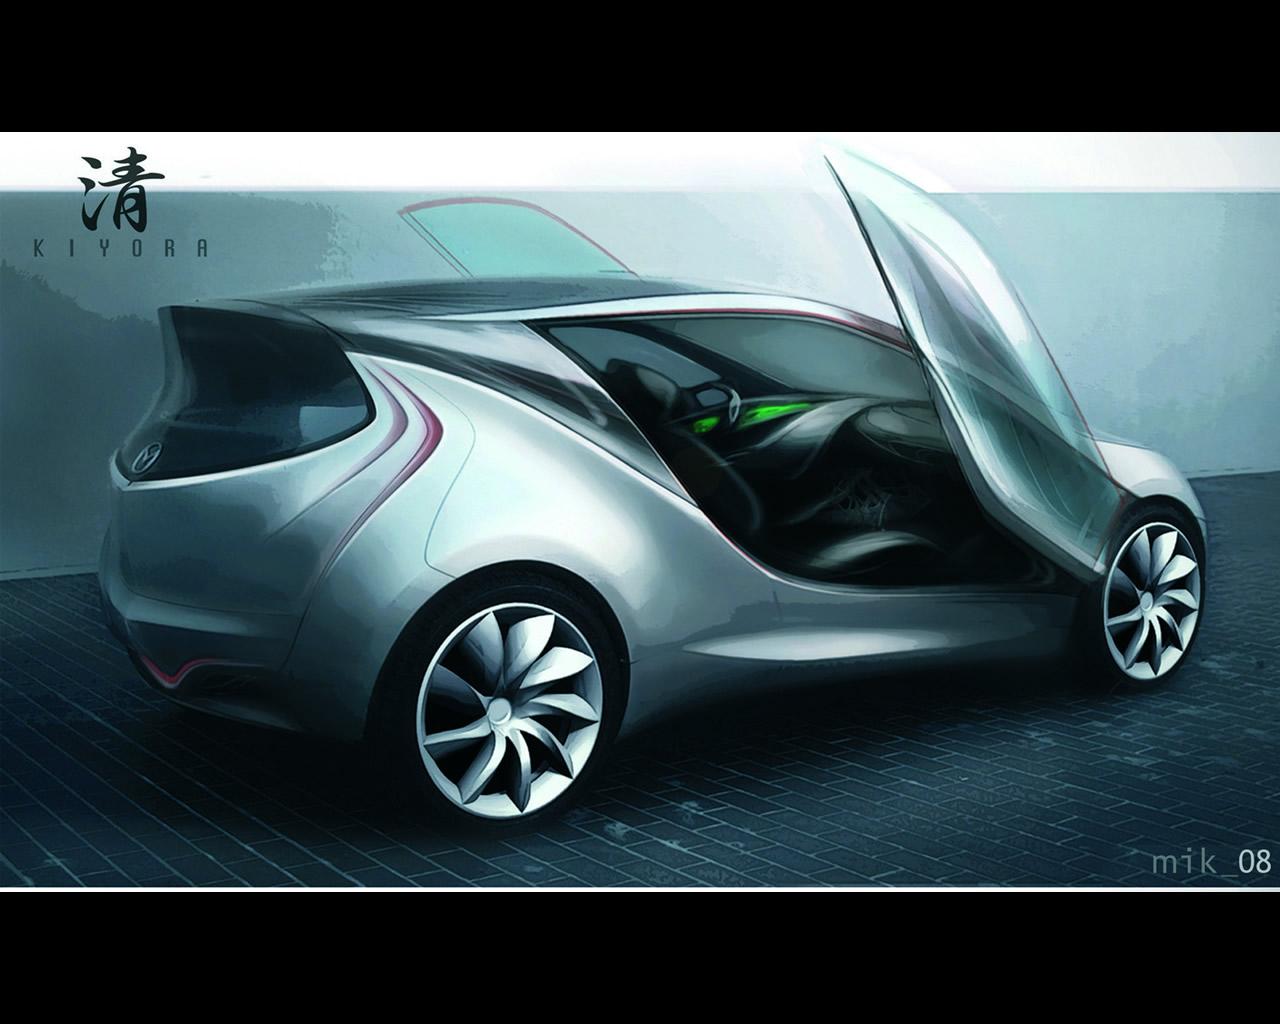 http://autoconcept-reviews.com/cars_reviews/mazda/mazda-kiyora-concept-2008/wallpaper/Mazda_Kiyora_Sketch4%20copy.jpg